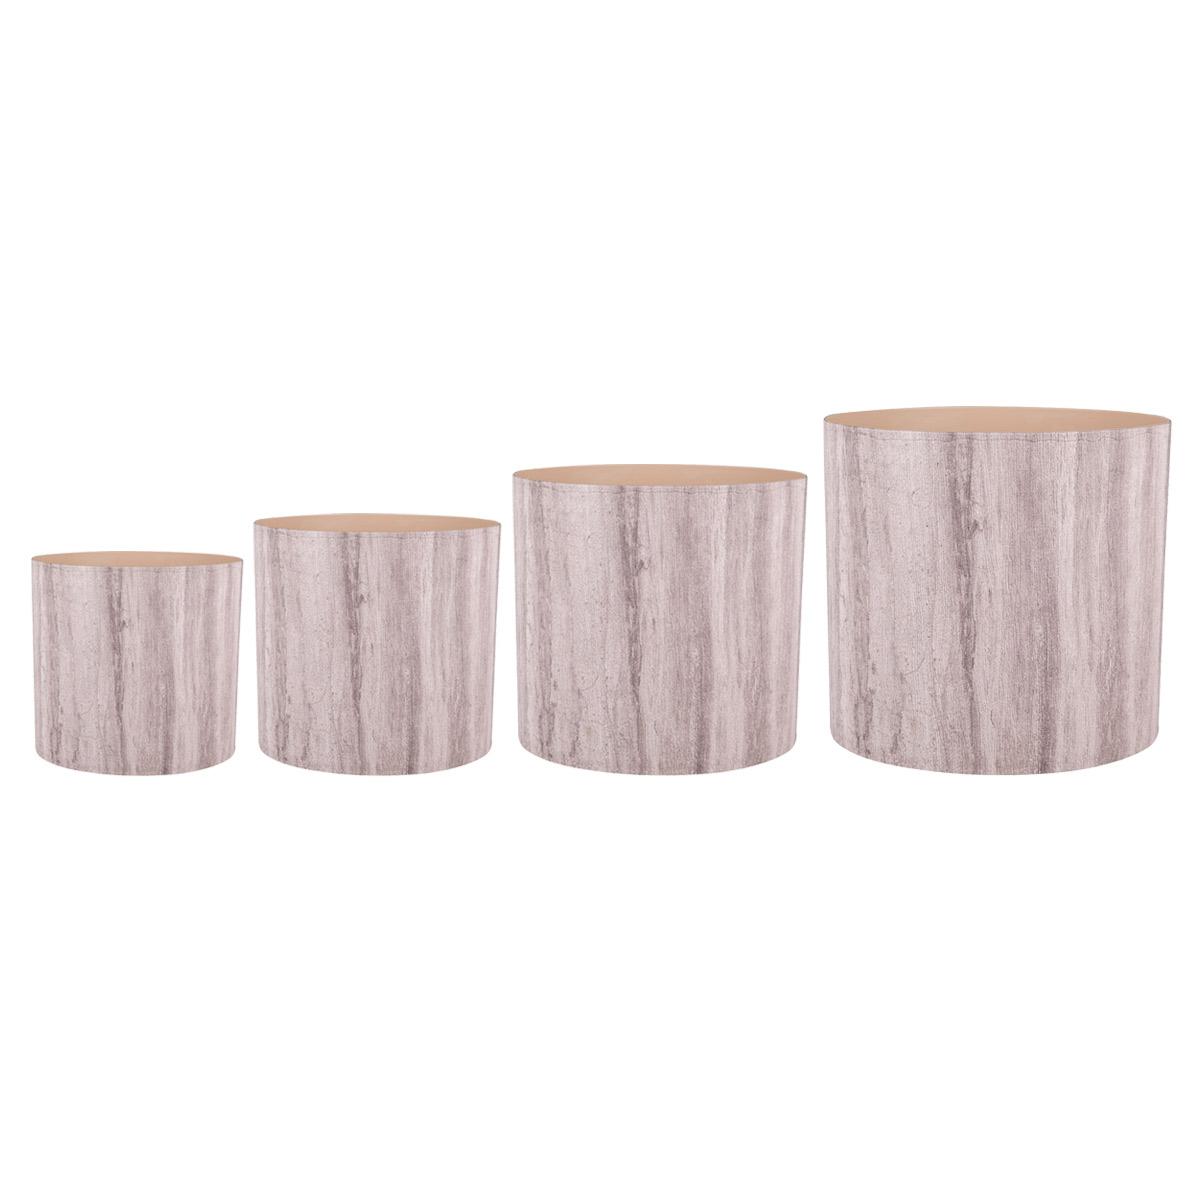 Набор горшков для цветов Miolla Бежевый ламинат, со скрытым поддоном, 4 предметаSMG-SET22Набор Miolla Бежевый ламинат состоит из 4 горшков со скрытыми поддонами. Горшкивыполнены из пластика. Изделия предназначены для цветов. Изделия оснащены специальными скрытыми поддонами.Диаметр горшков: 20,5 см, 16,5 см, 13,5 см, 11,5 см.Высота горшков (с учетом поддона): 19 см, 16 см, 13,5 см, 11,5 см.Объем горшков: 1 л, 1,7 л, 2,8 л, 5,1 л.